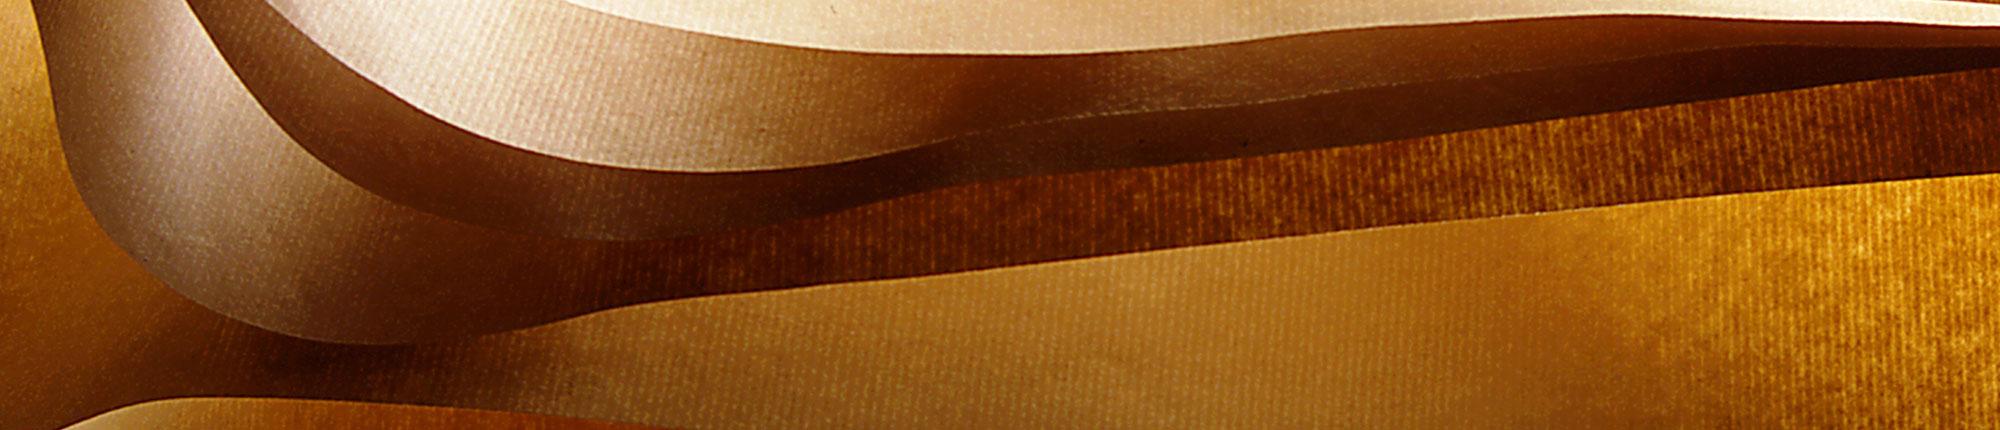 papier-kraft